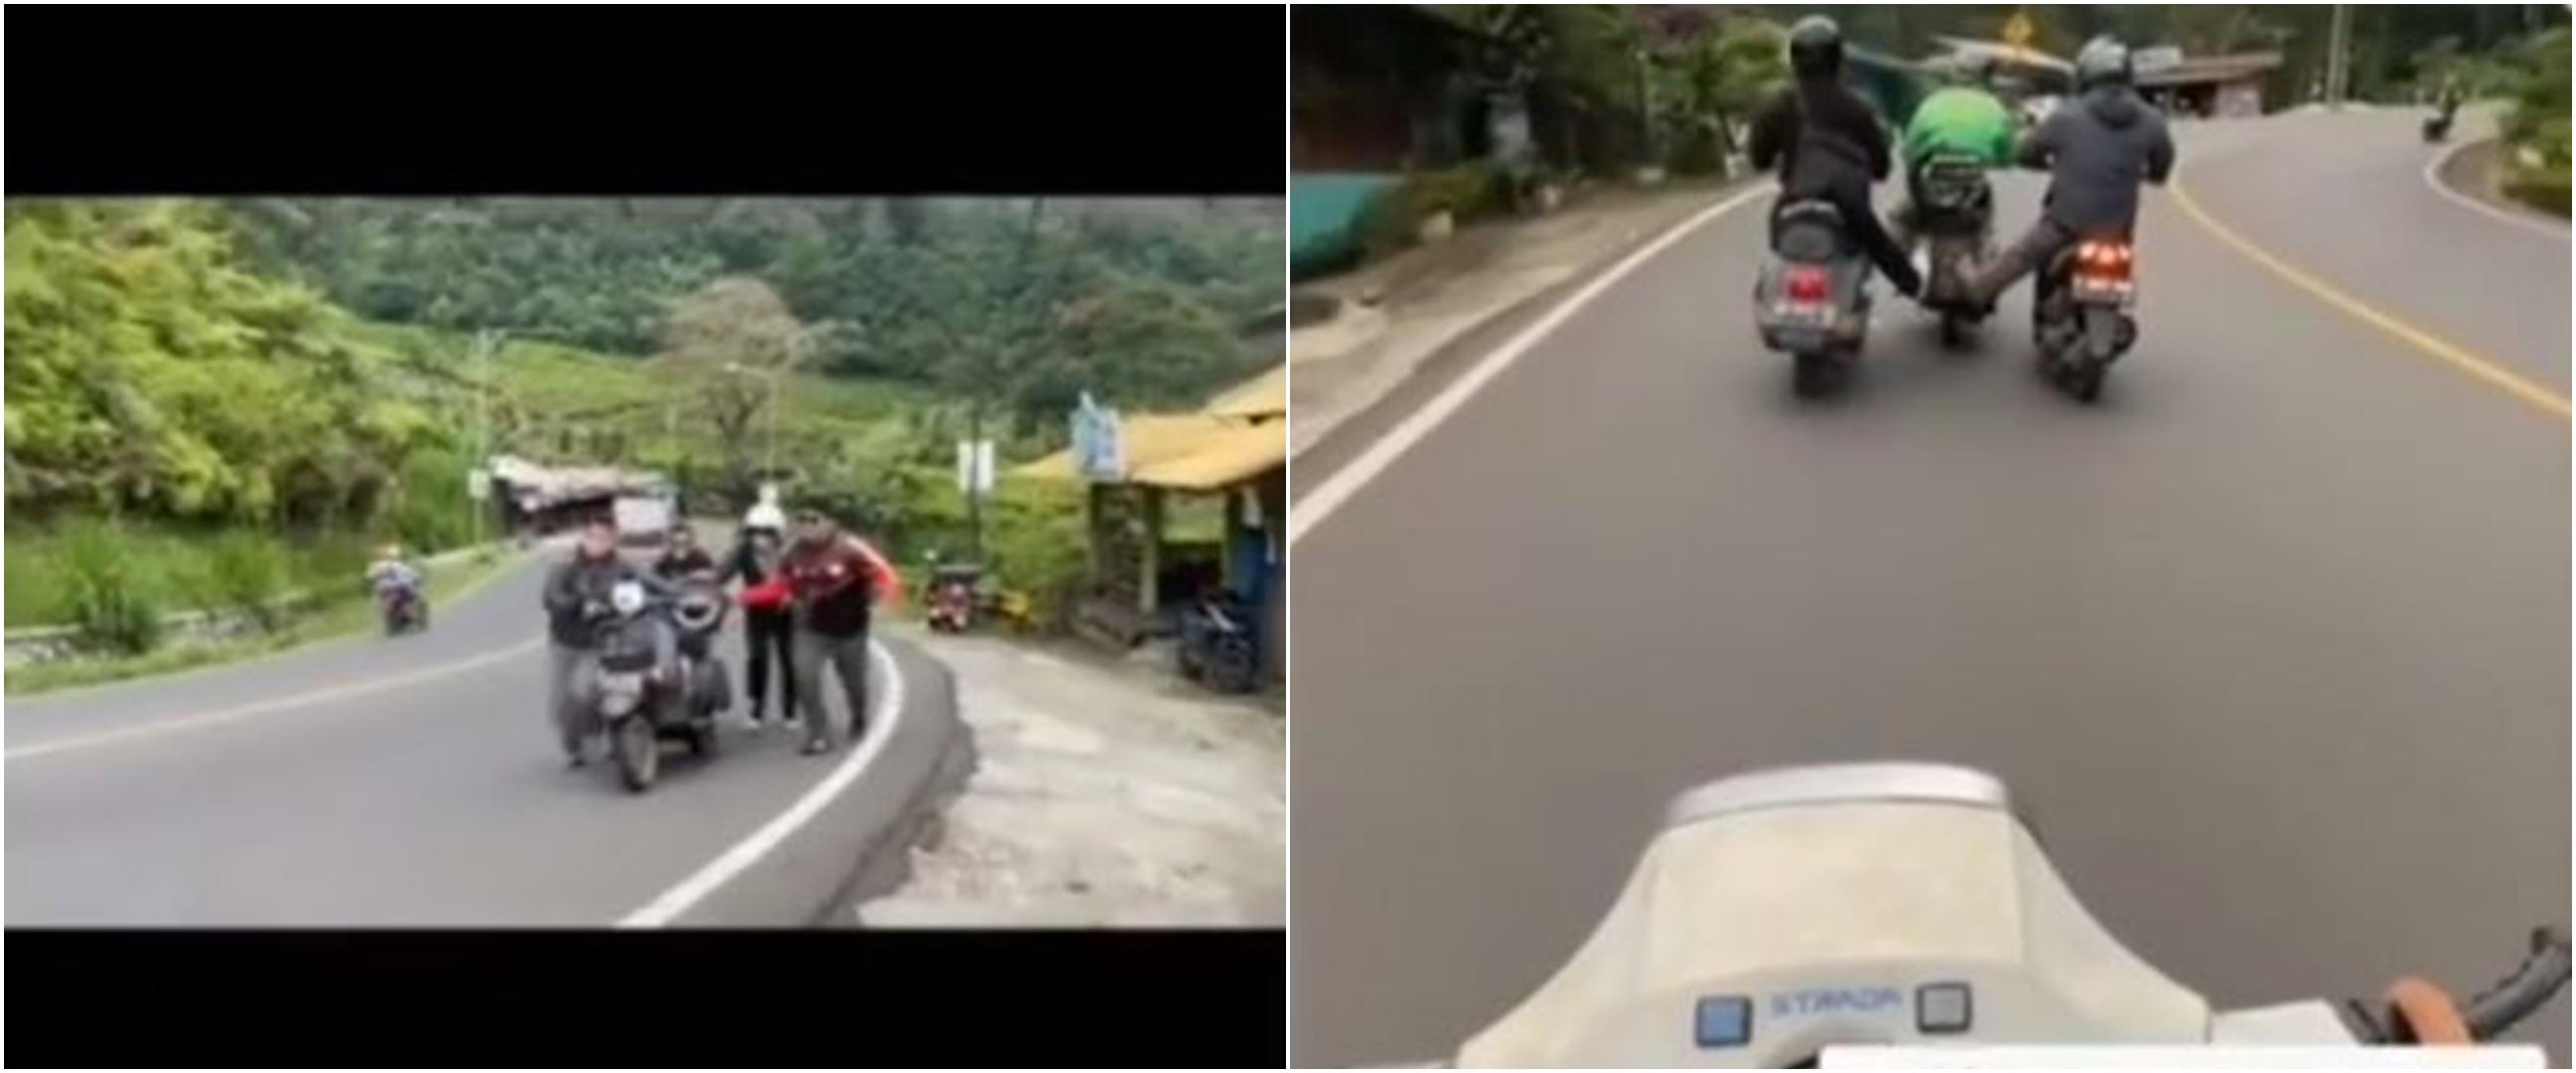 Kisah pengendara Vespa bantu bapak-bapak yang motornya mogok, salut